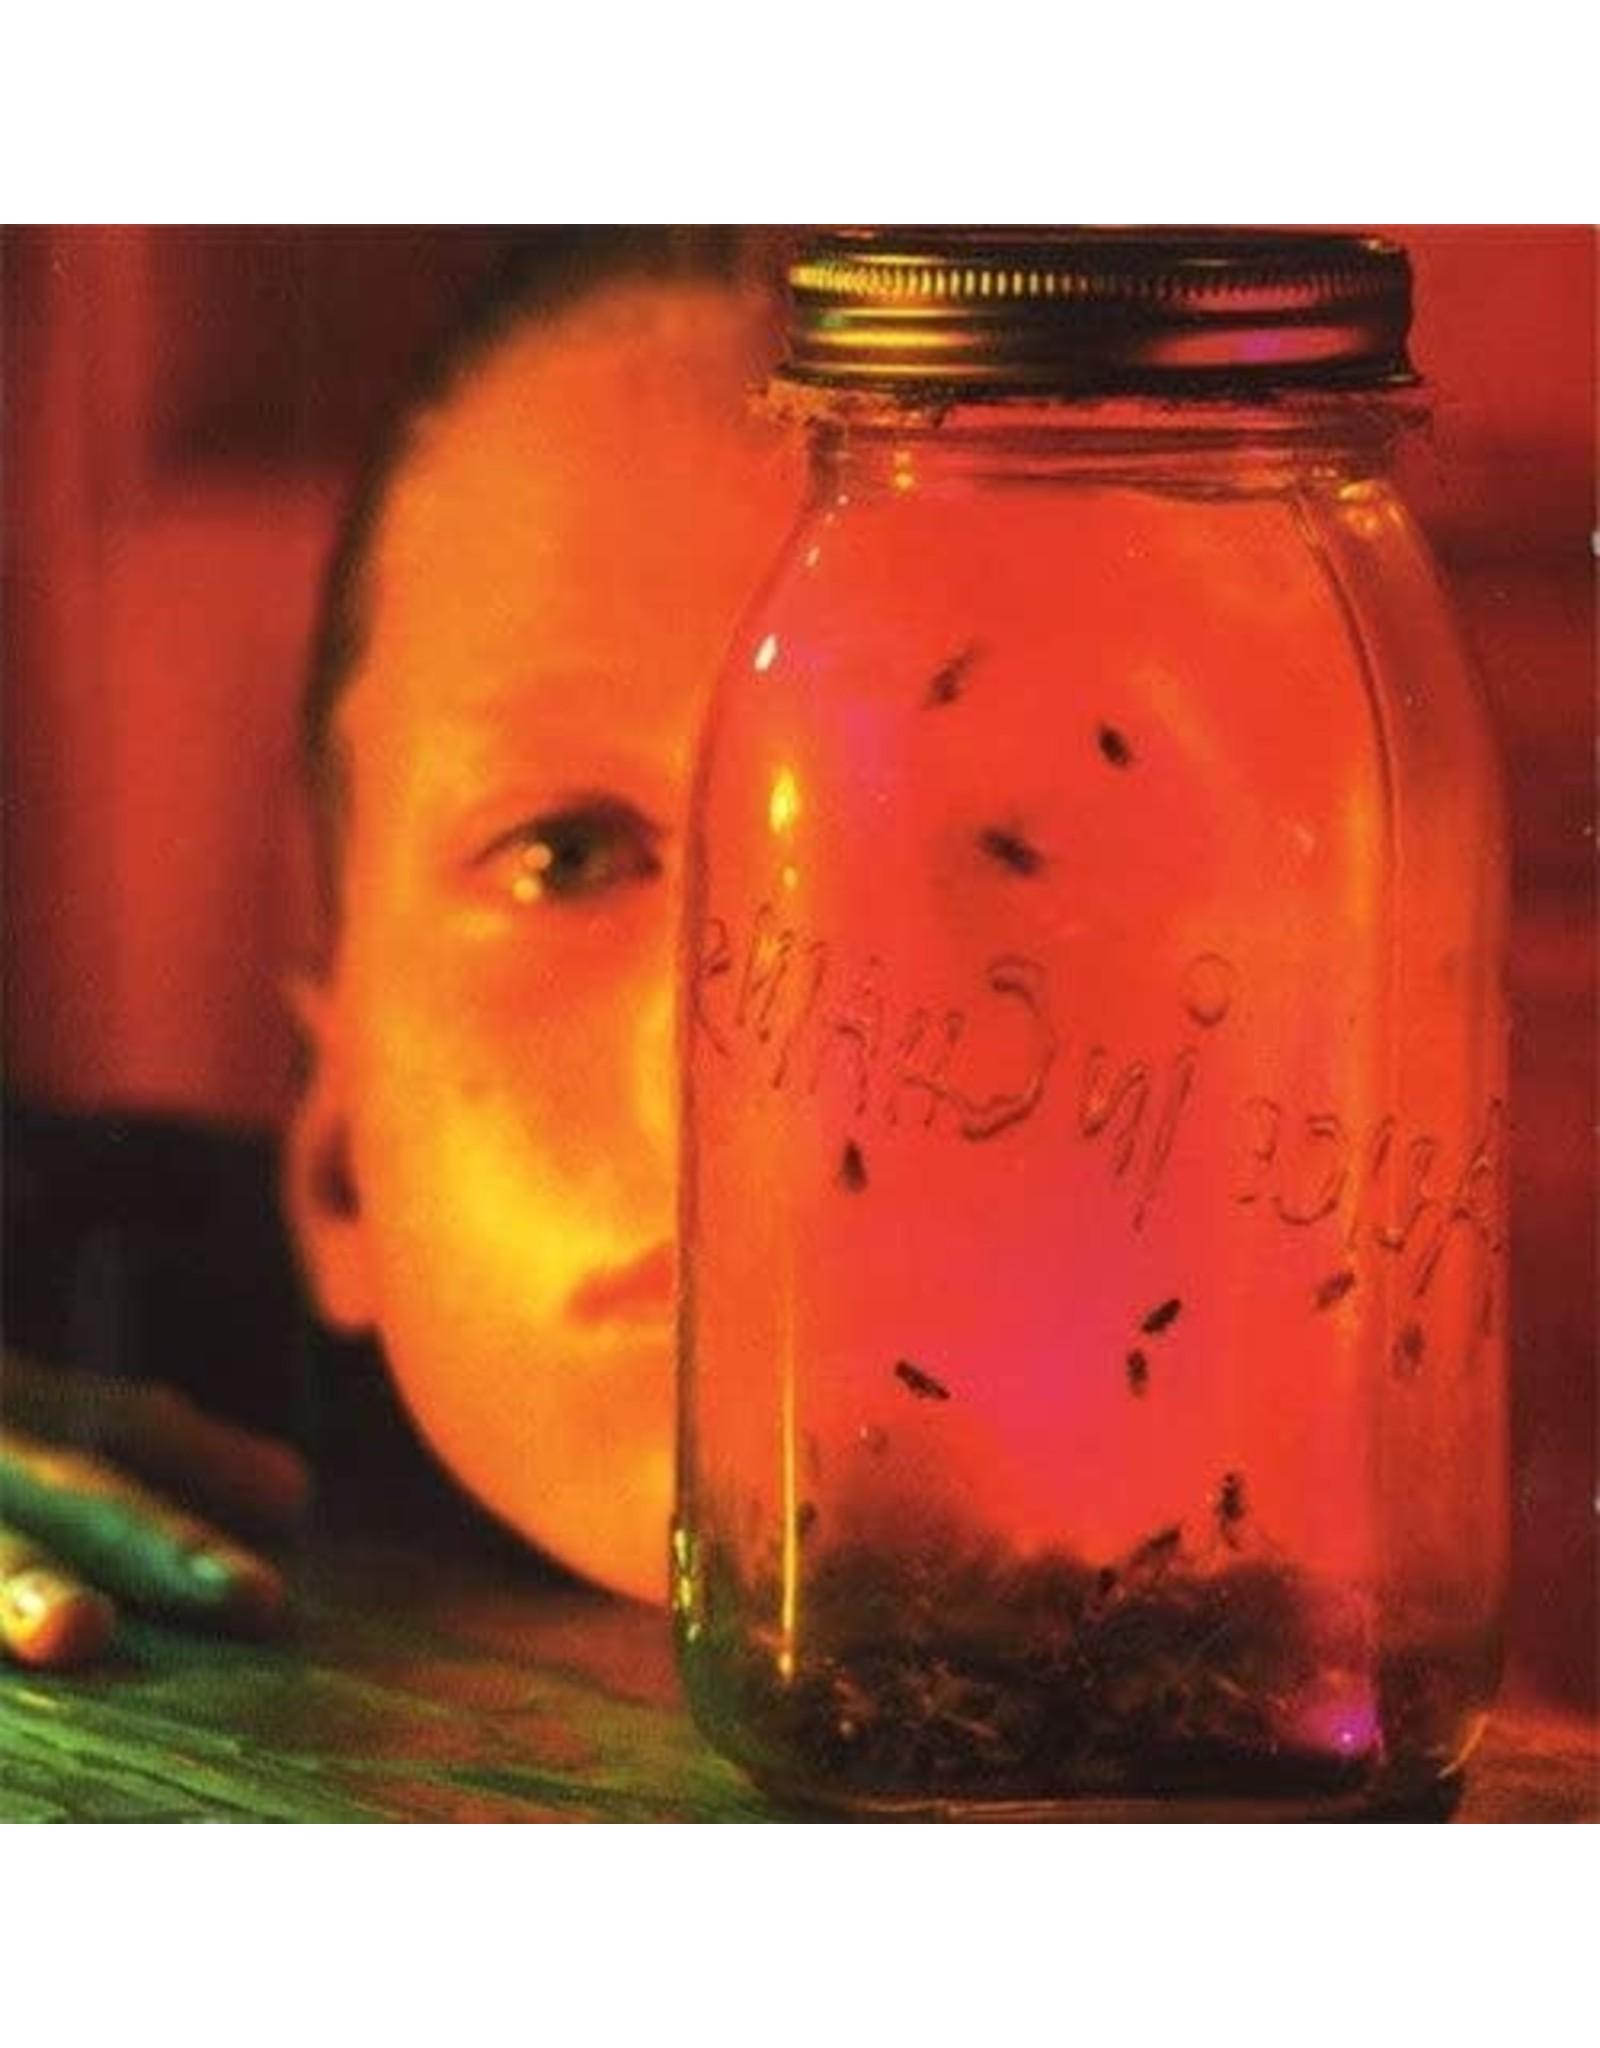 Alice In Chains - Jar Of Flies / Sap (Music On Vinyl)